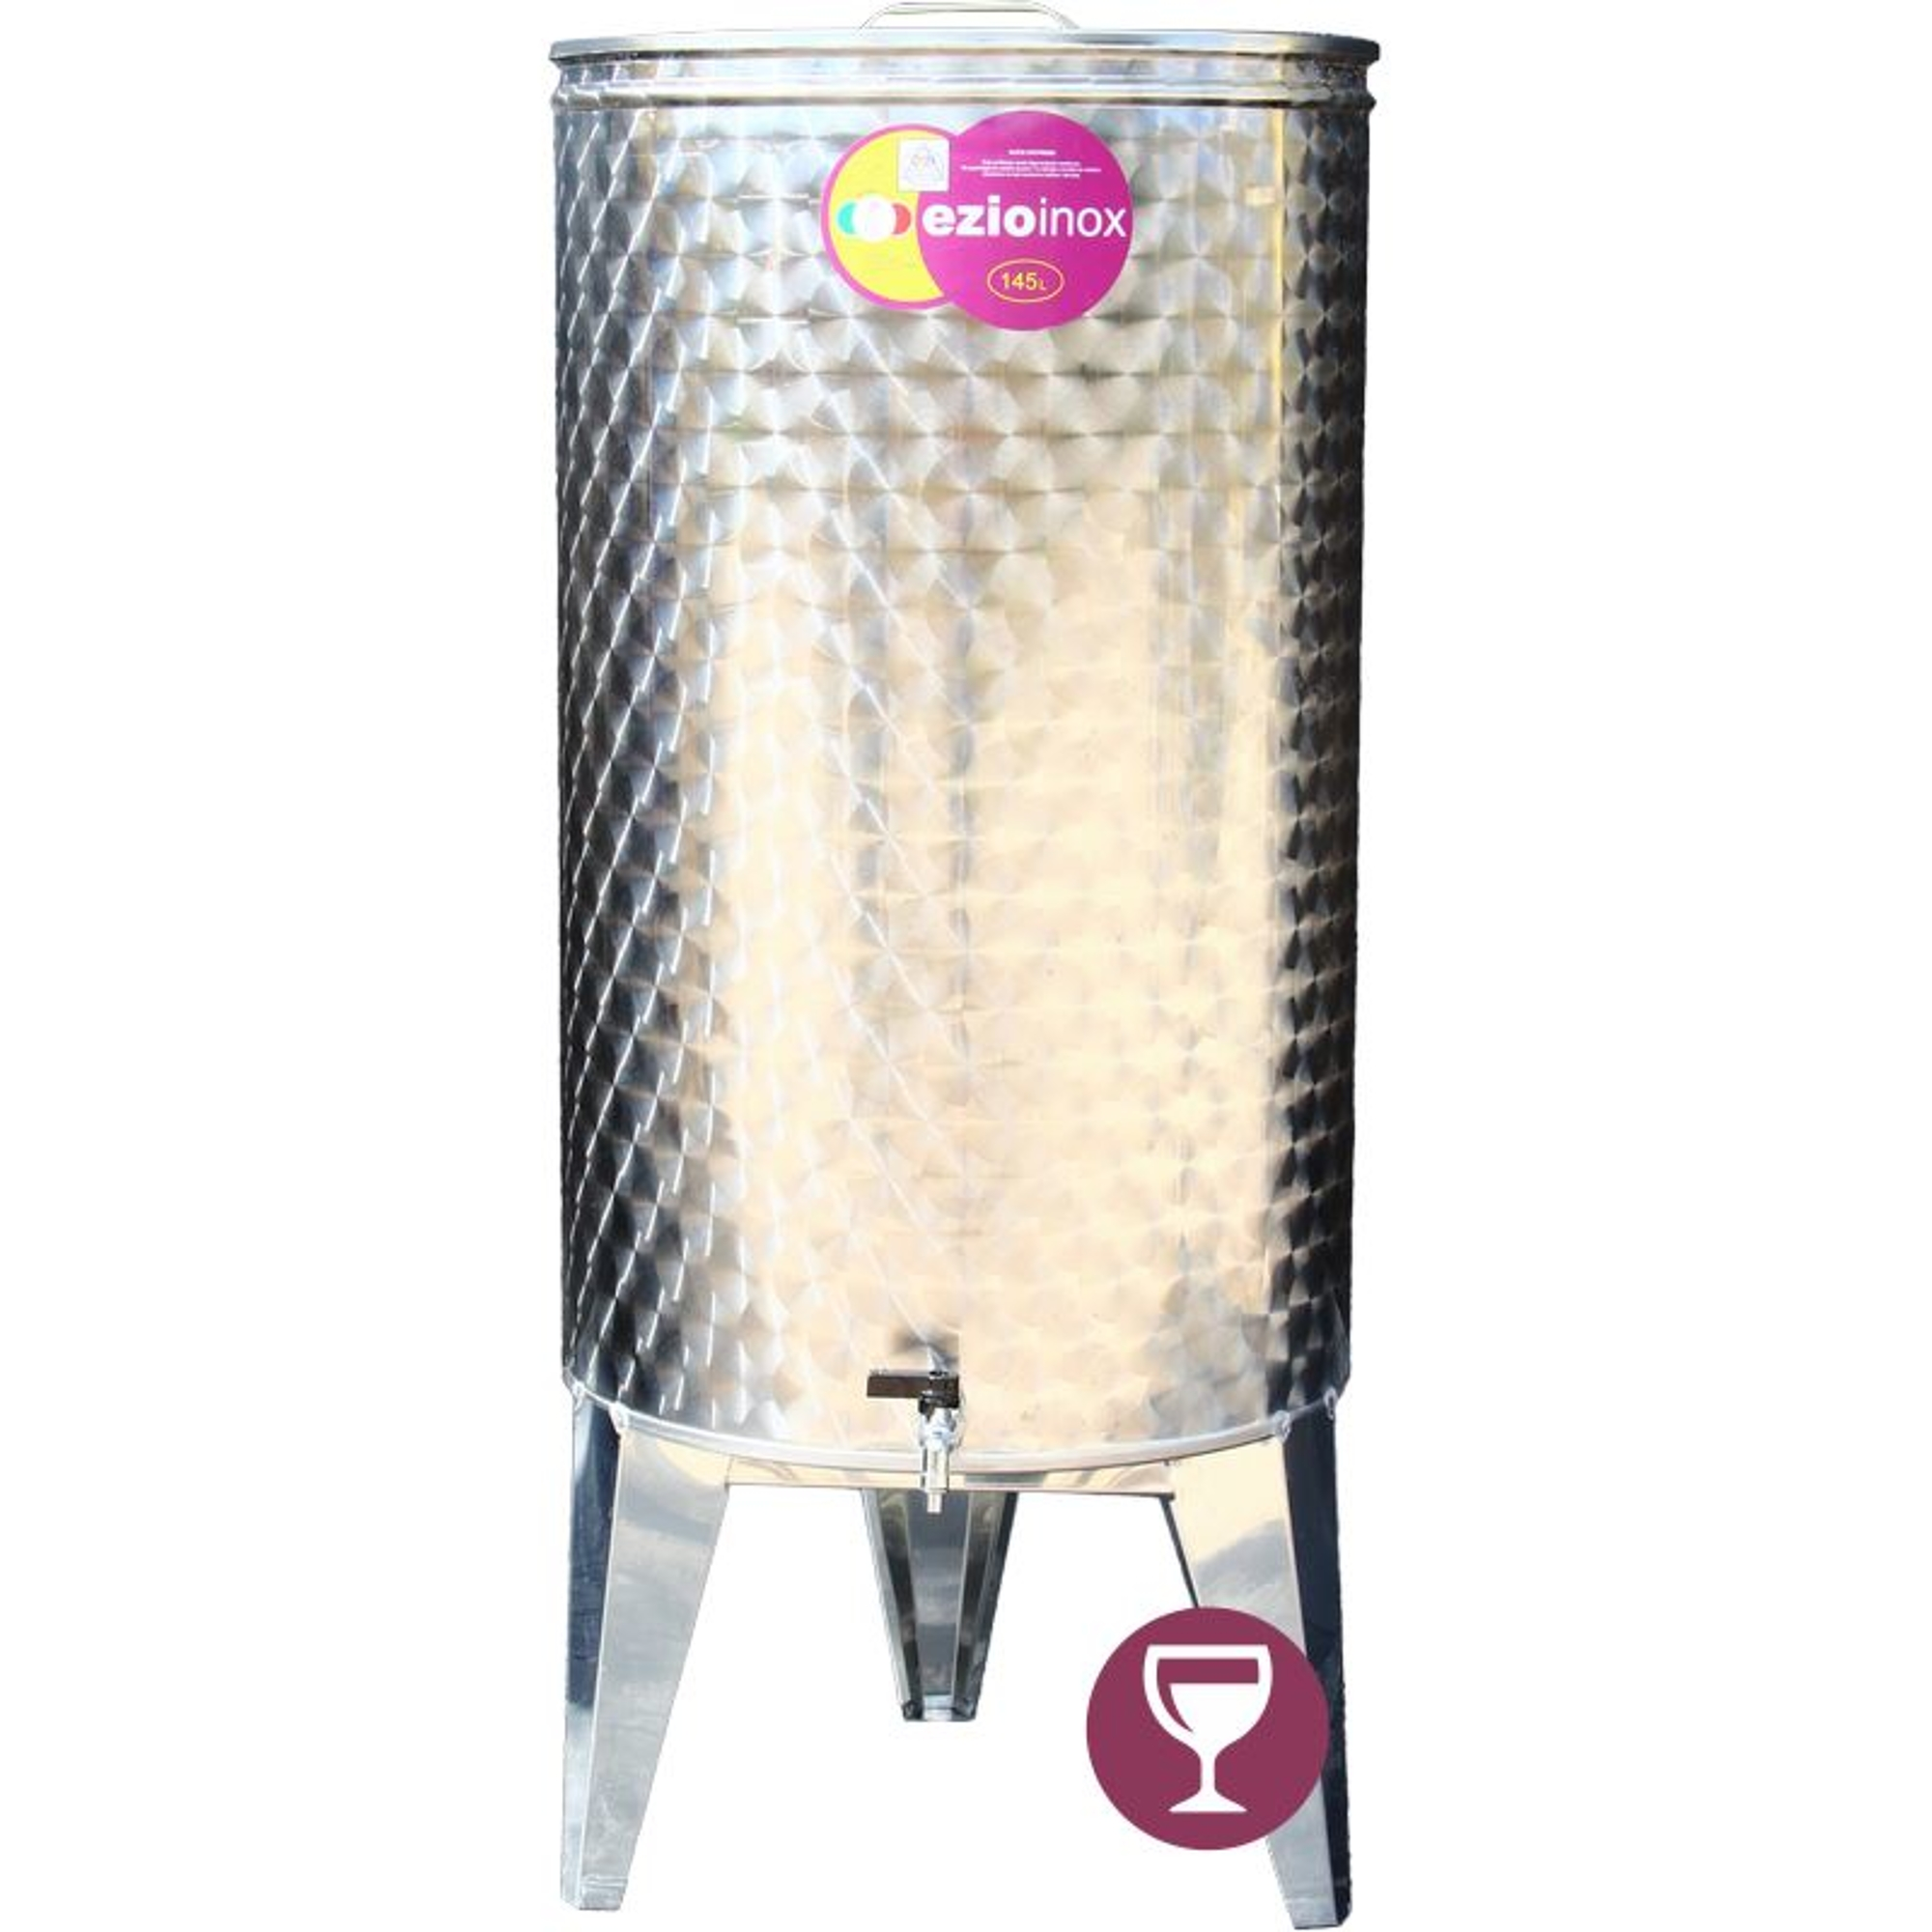 EZIOINOX INOX bortartály 145 literes álló